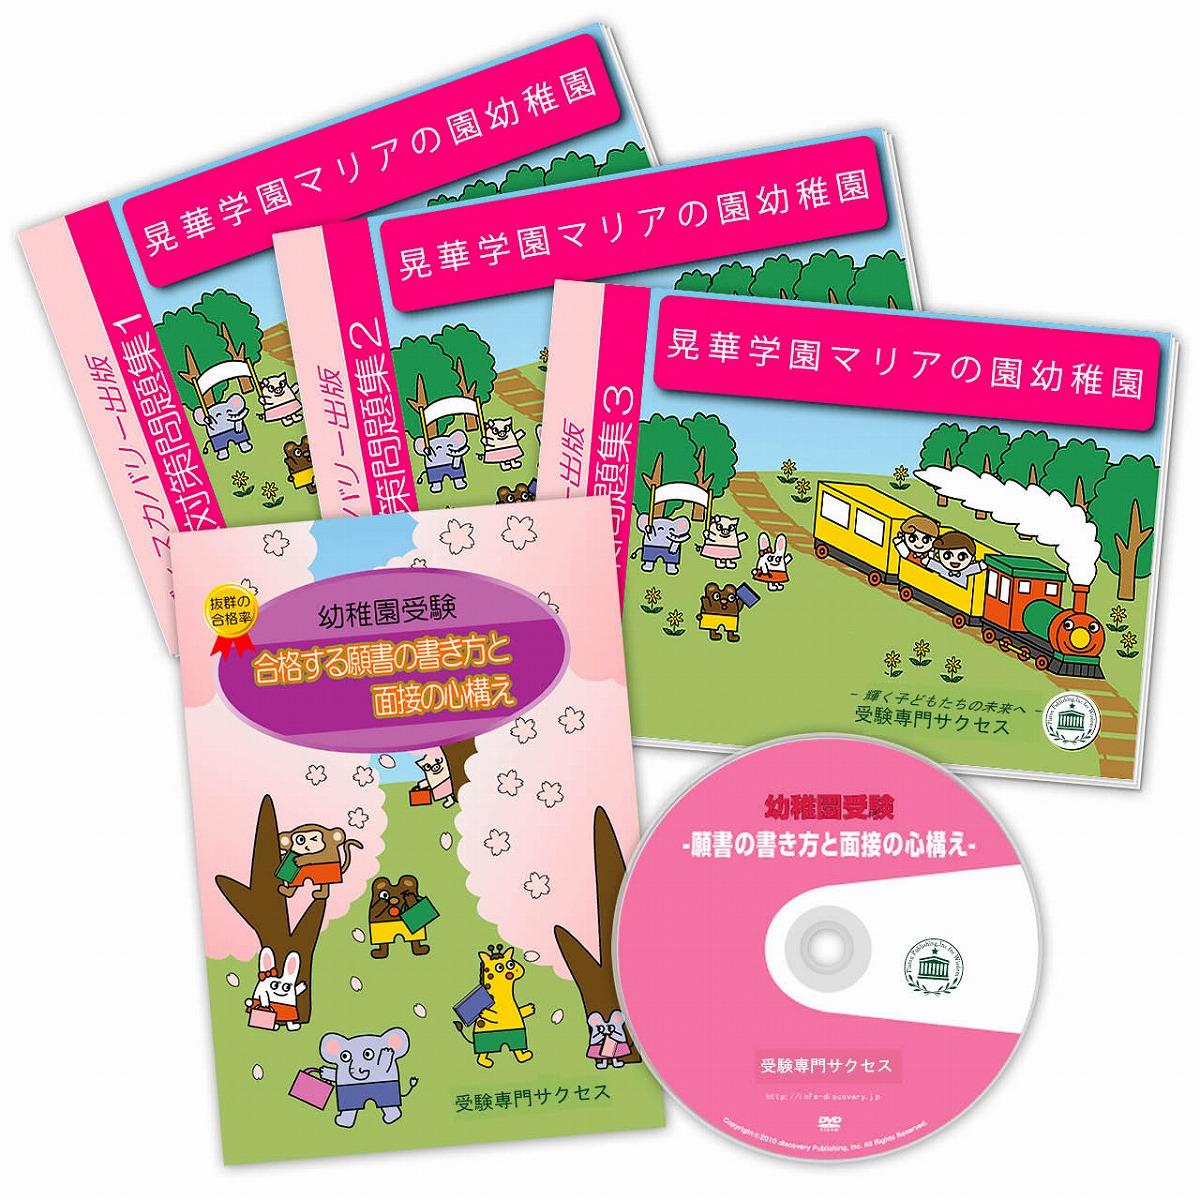 【送料・代引手数料無料】晃華学園マリアの園幼稚園・合格セット